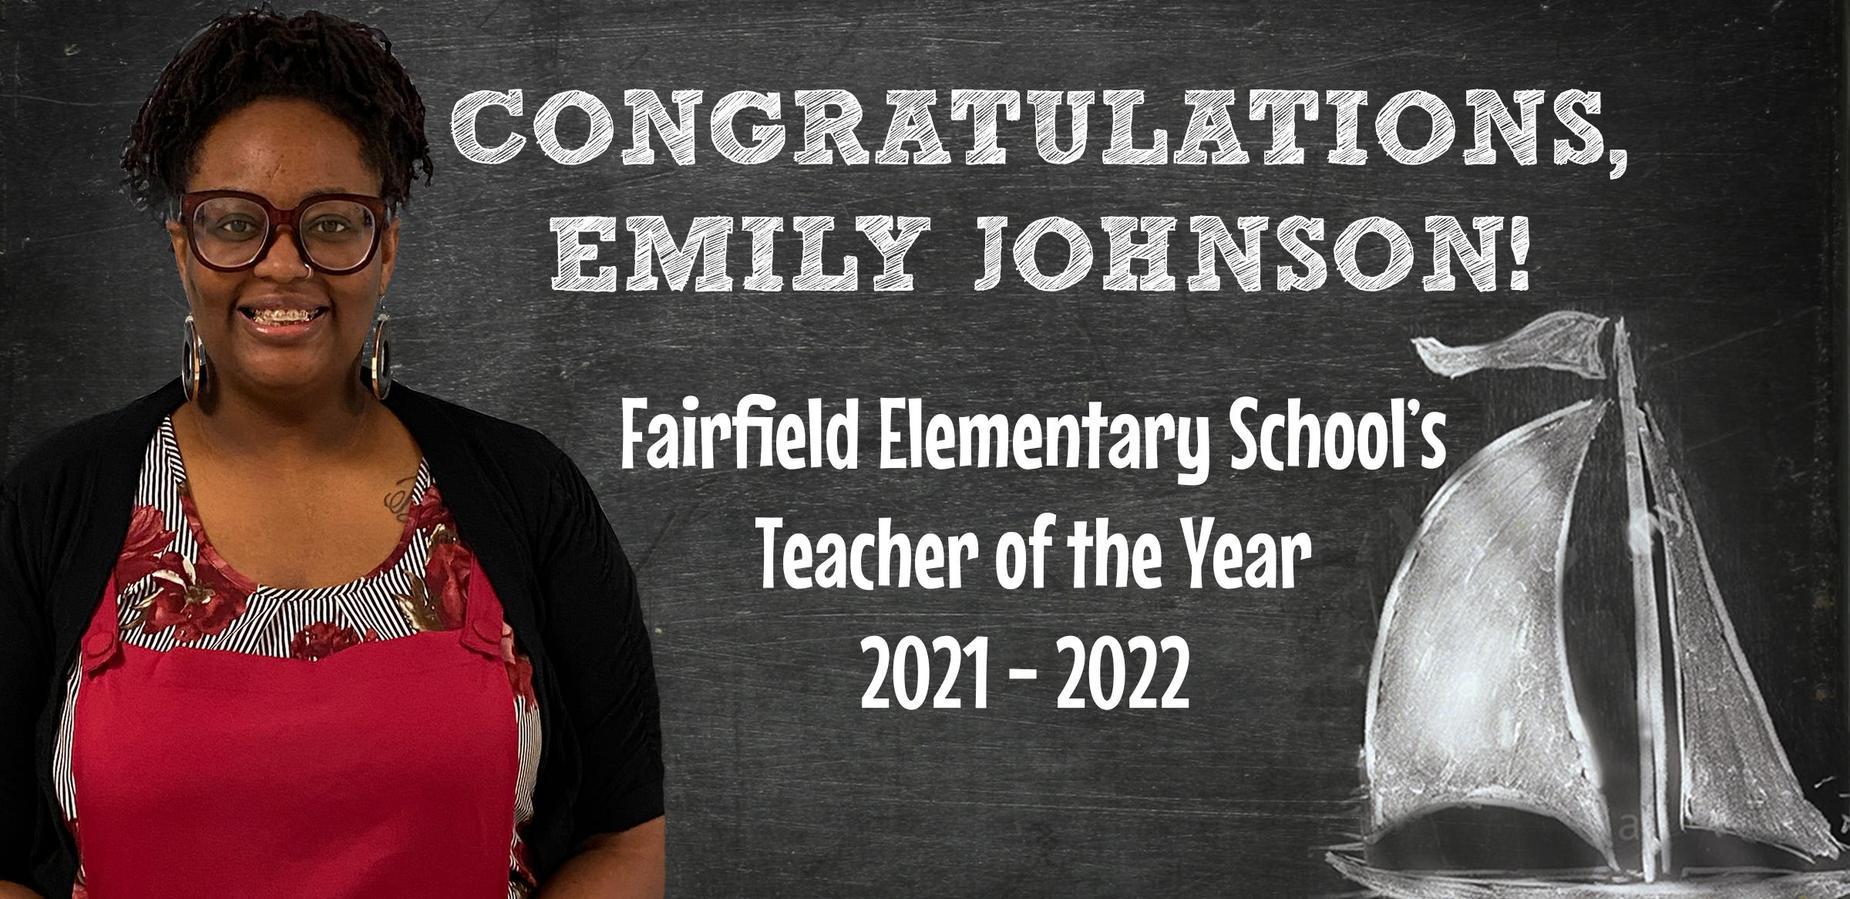 2021-2022 FES Teacher of the Year, Emily Johnson